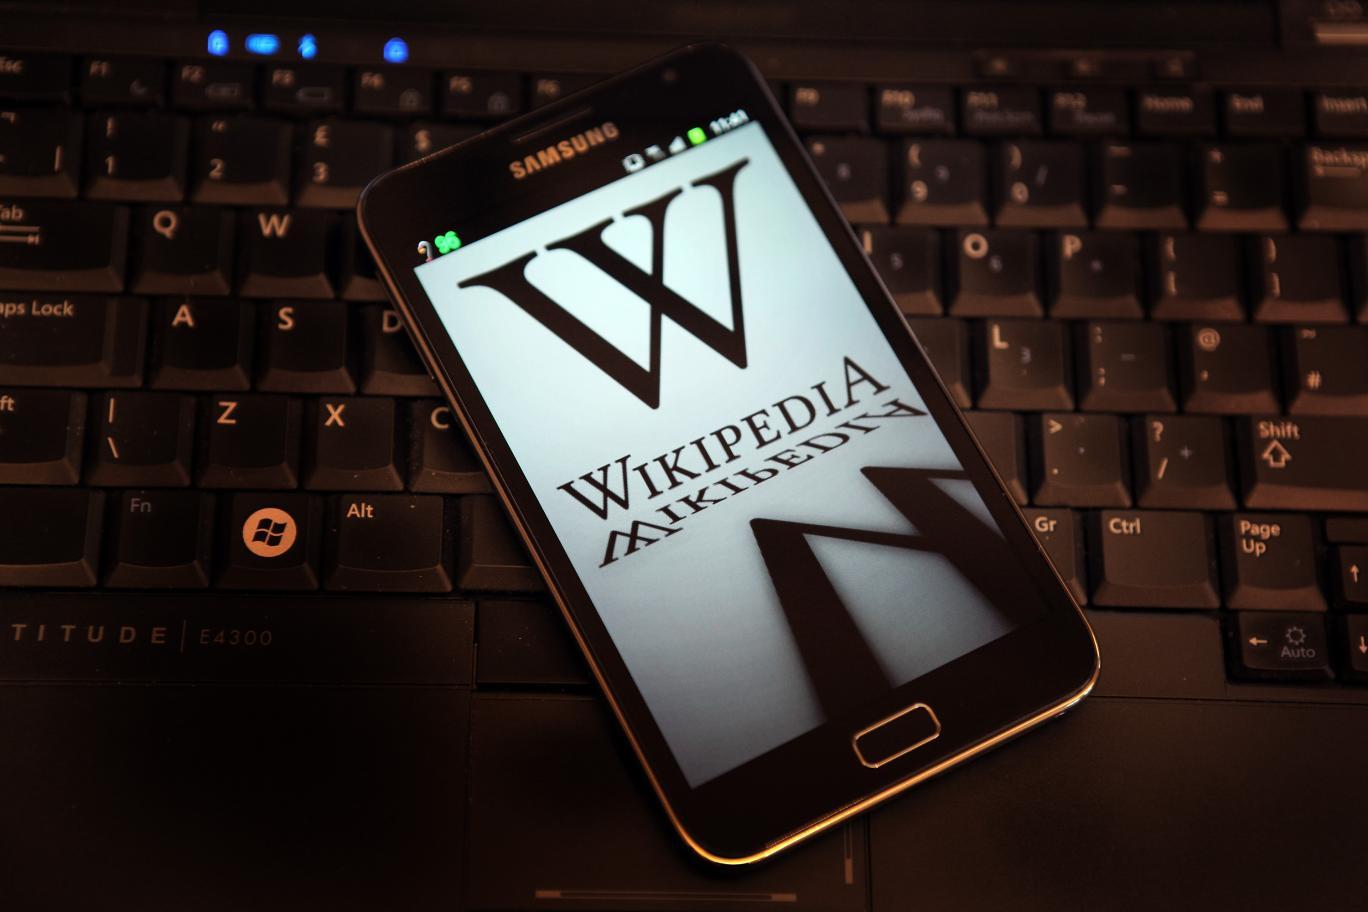 Статьи о Христе и Католической церкви попали в список самых редактируемых в американской «Википедии»